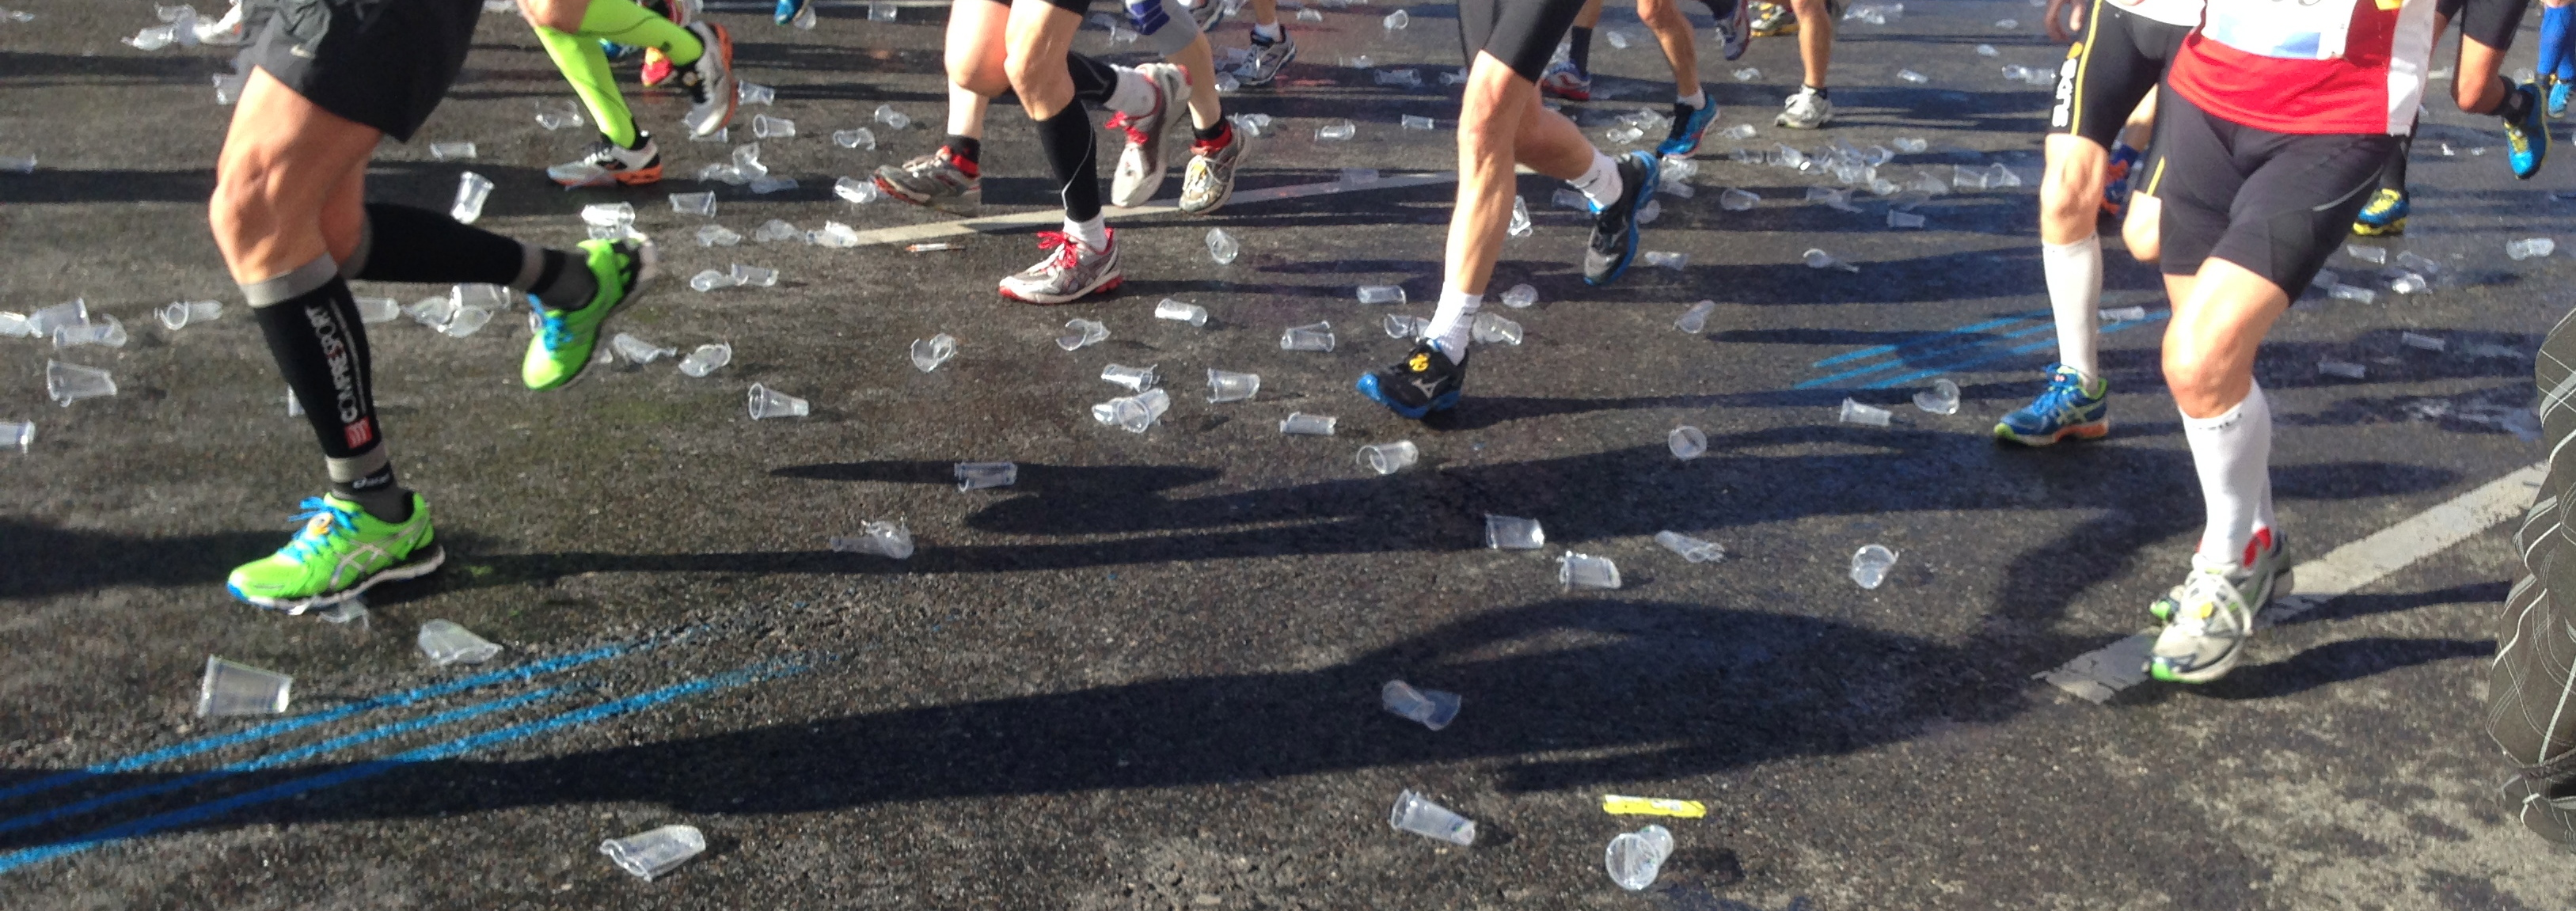 Bilder vom 40. Berlin Marathon